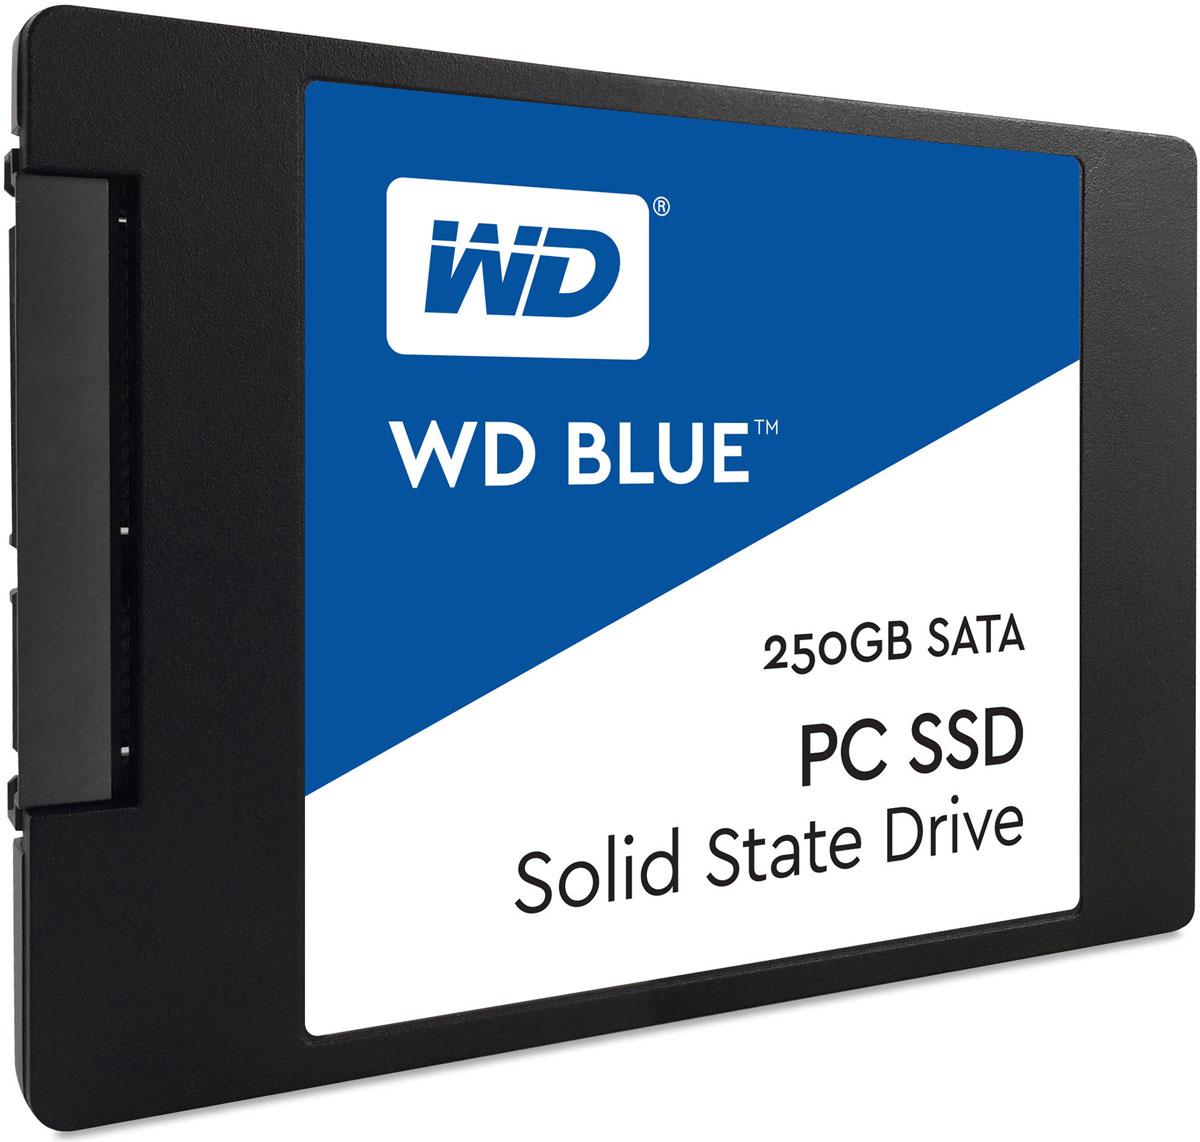 WD Blue 250GB SSD-накопитель (WDS250G1B0A)WDS250G1B0AТвердотельный накопитель WD Blue отличается высоким быстродействием и обеспечивает эффективное хранение данных наряду с высокой скоростью передачи и ведущей в отрасли надежностью. Оптимизированные для параллельного выполнения нескольких задач твердотельные накопители WD Blue позволяют с легкостью запускать несколько ресурсоемких приложений одновременно. Твердотельные накопители WD Blue доступны в формфакторах 2,5 дюйма (7 мм) и M.2 2280 для самых тонких и компактных компьютеров, что позволяет комплектовать ими большинство ноутбуков и настольных ПК. Доступная для скачивания панель мониторинга твердотельных накопителей WD содержит набор инструментов, с помощью которых можно в любой момент проверить работоспособность твердотельного накопителя. Благодаря сертификации WD F.I.T. Lab на совместимость с широким спектром ноутбуков и настольных ПК вы можете быть полностью уверены, что накопитель WD Blue подходит вам идеально. На каждый твердотельный...